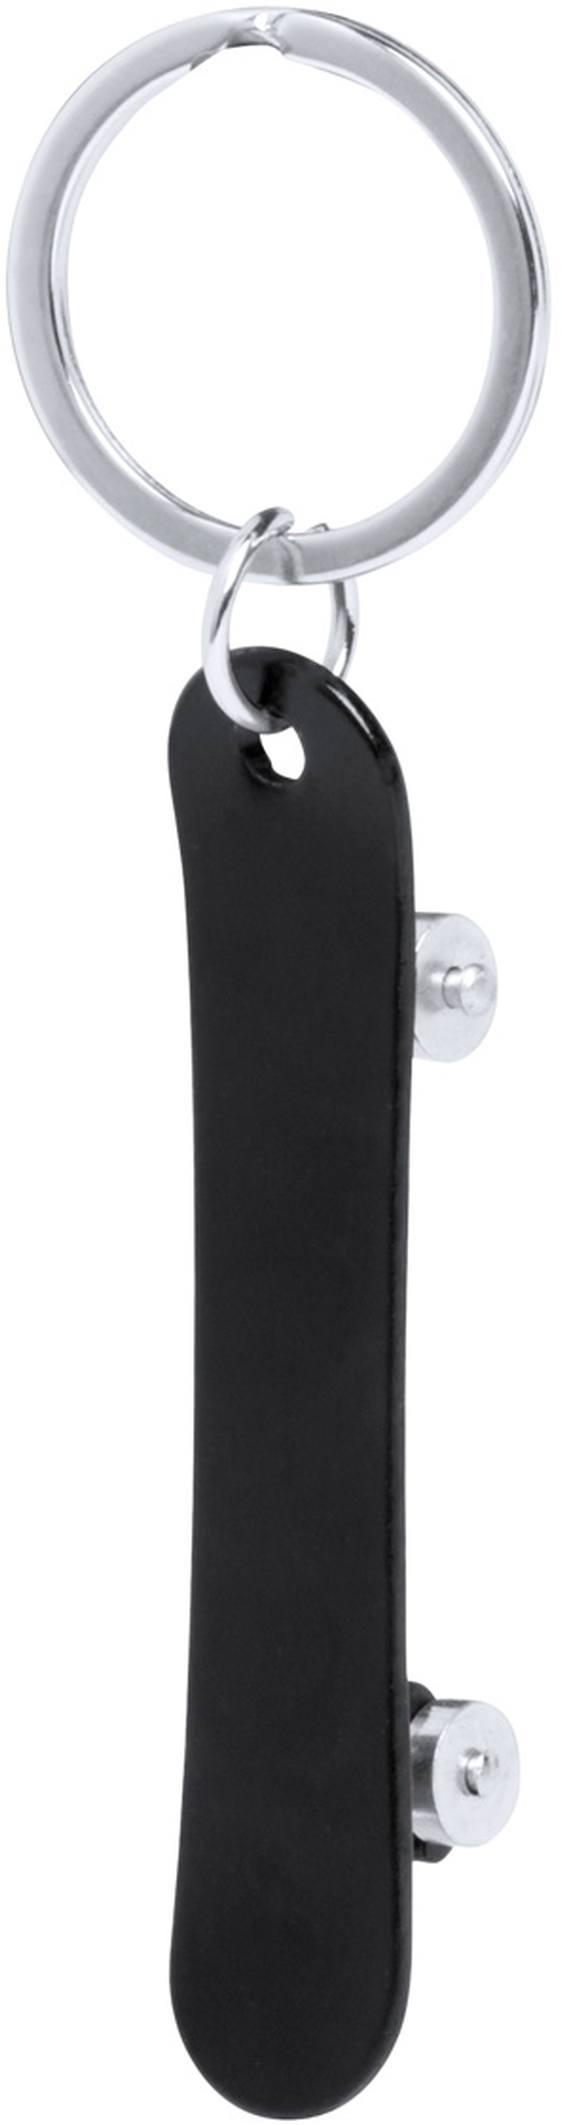 Skater přívěšek na klíče s otvírákem